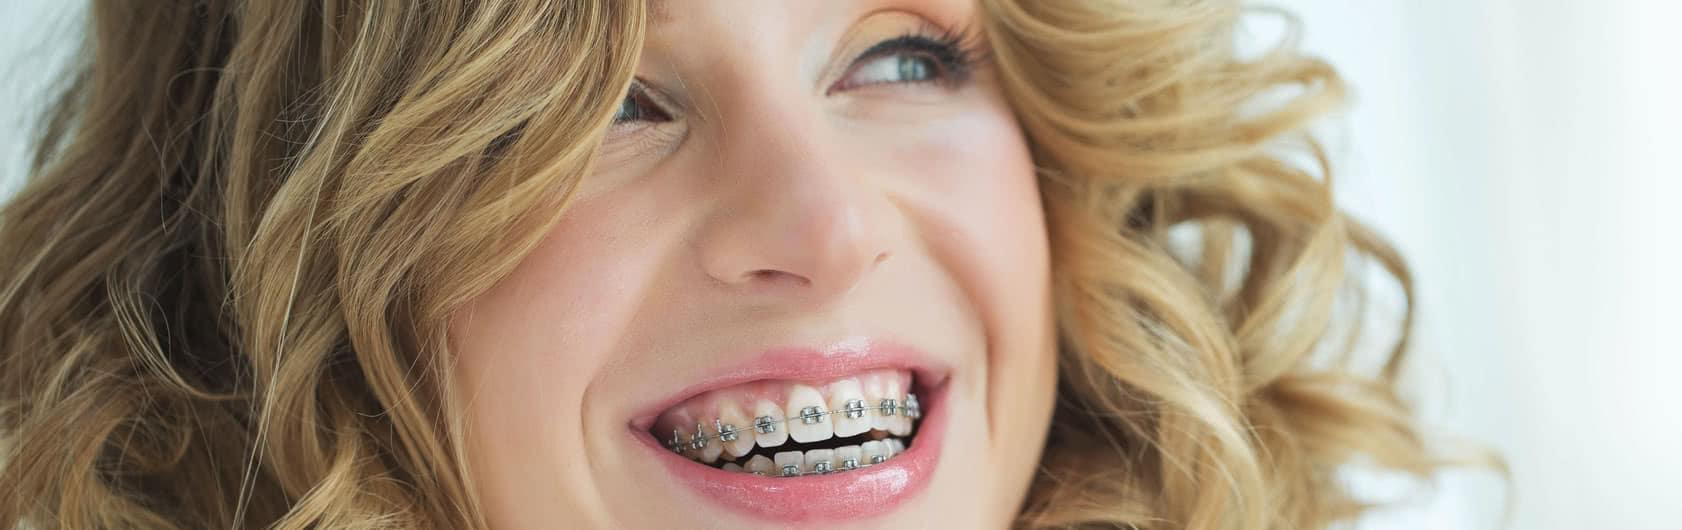 Zahnzusatzversicherung für Kieferorthopädie